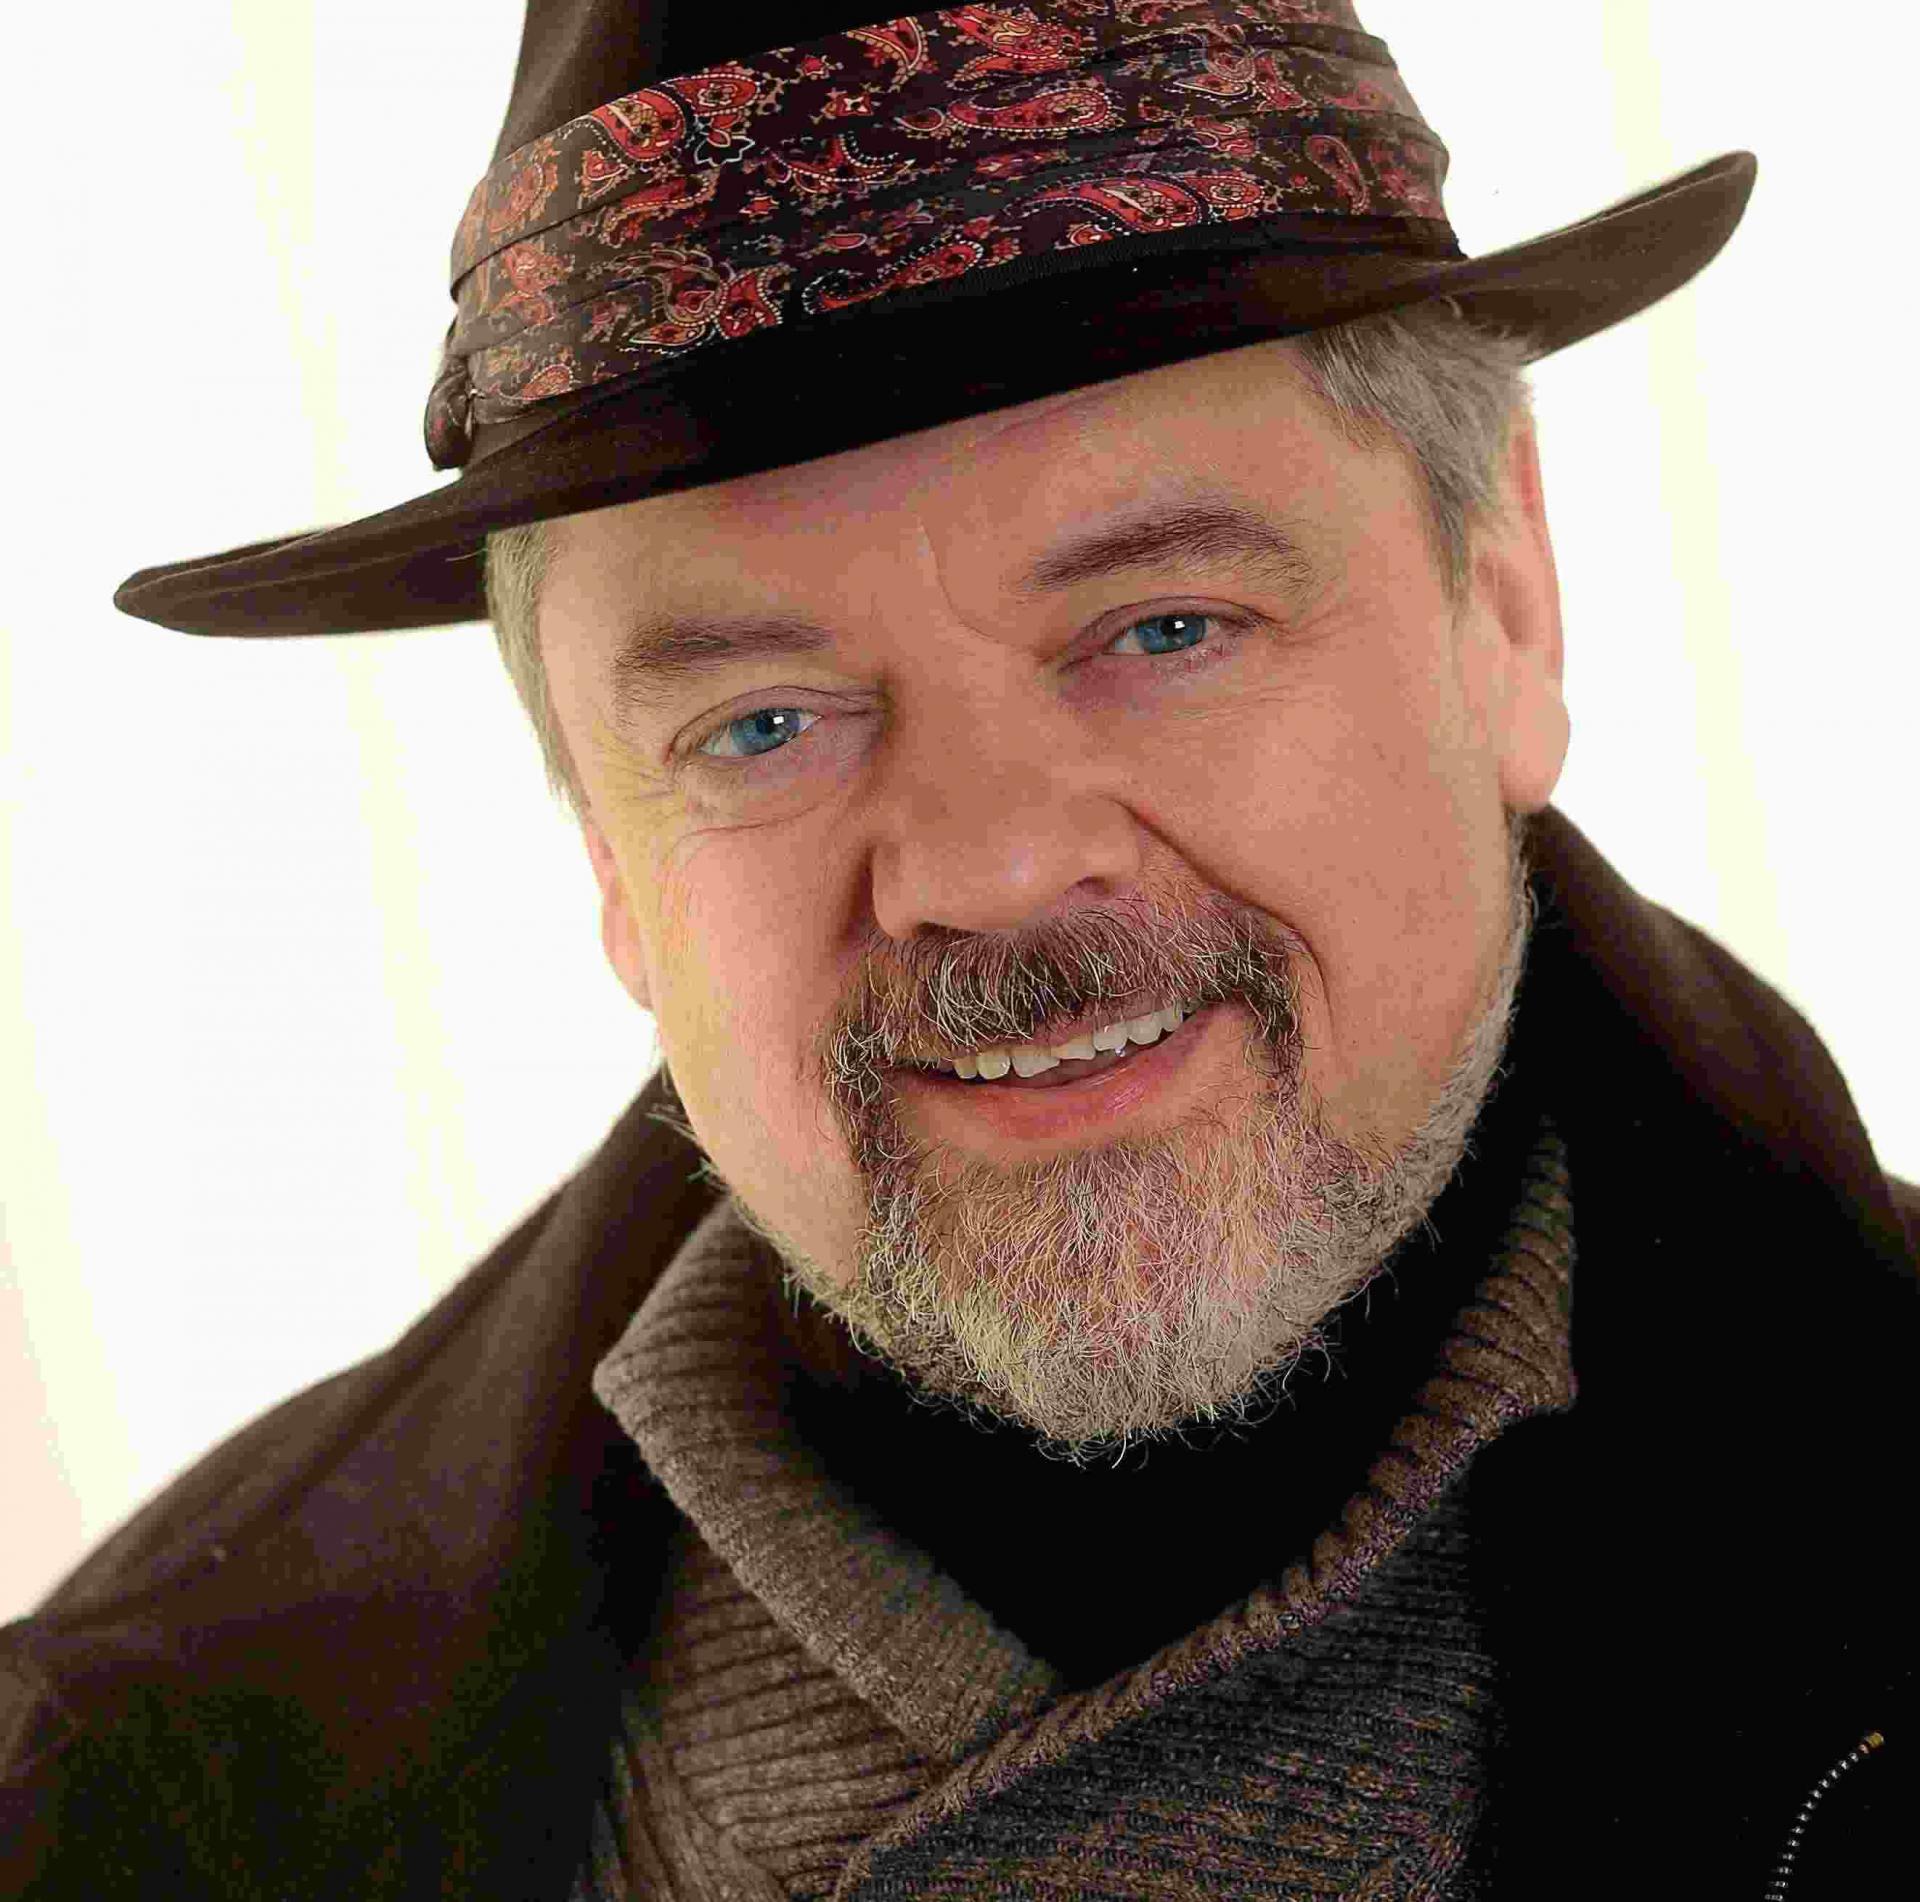 Pfarrer Frank Uwe Kündiger